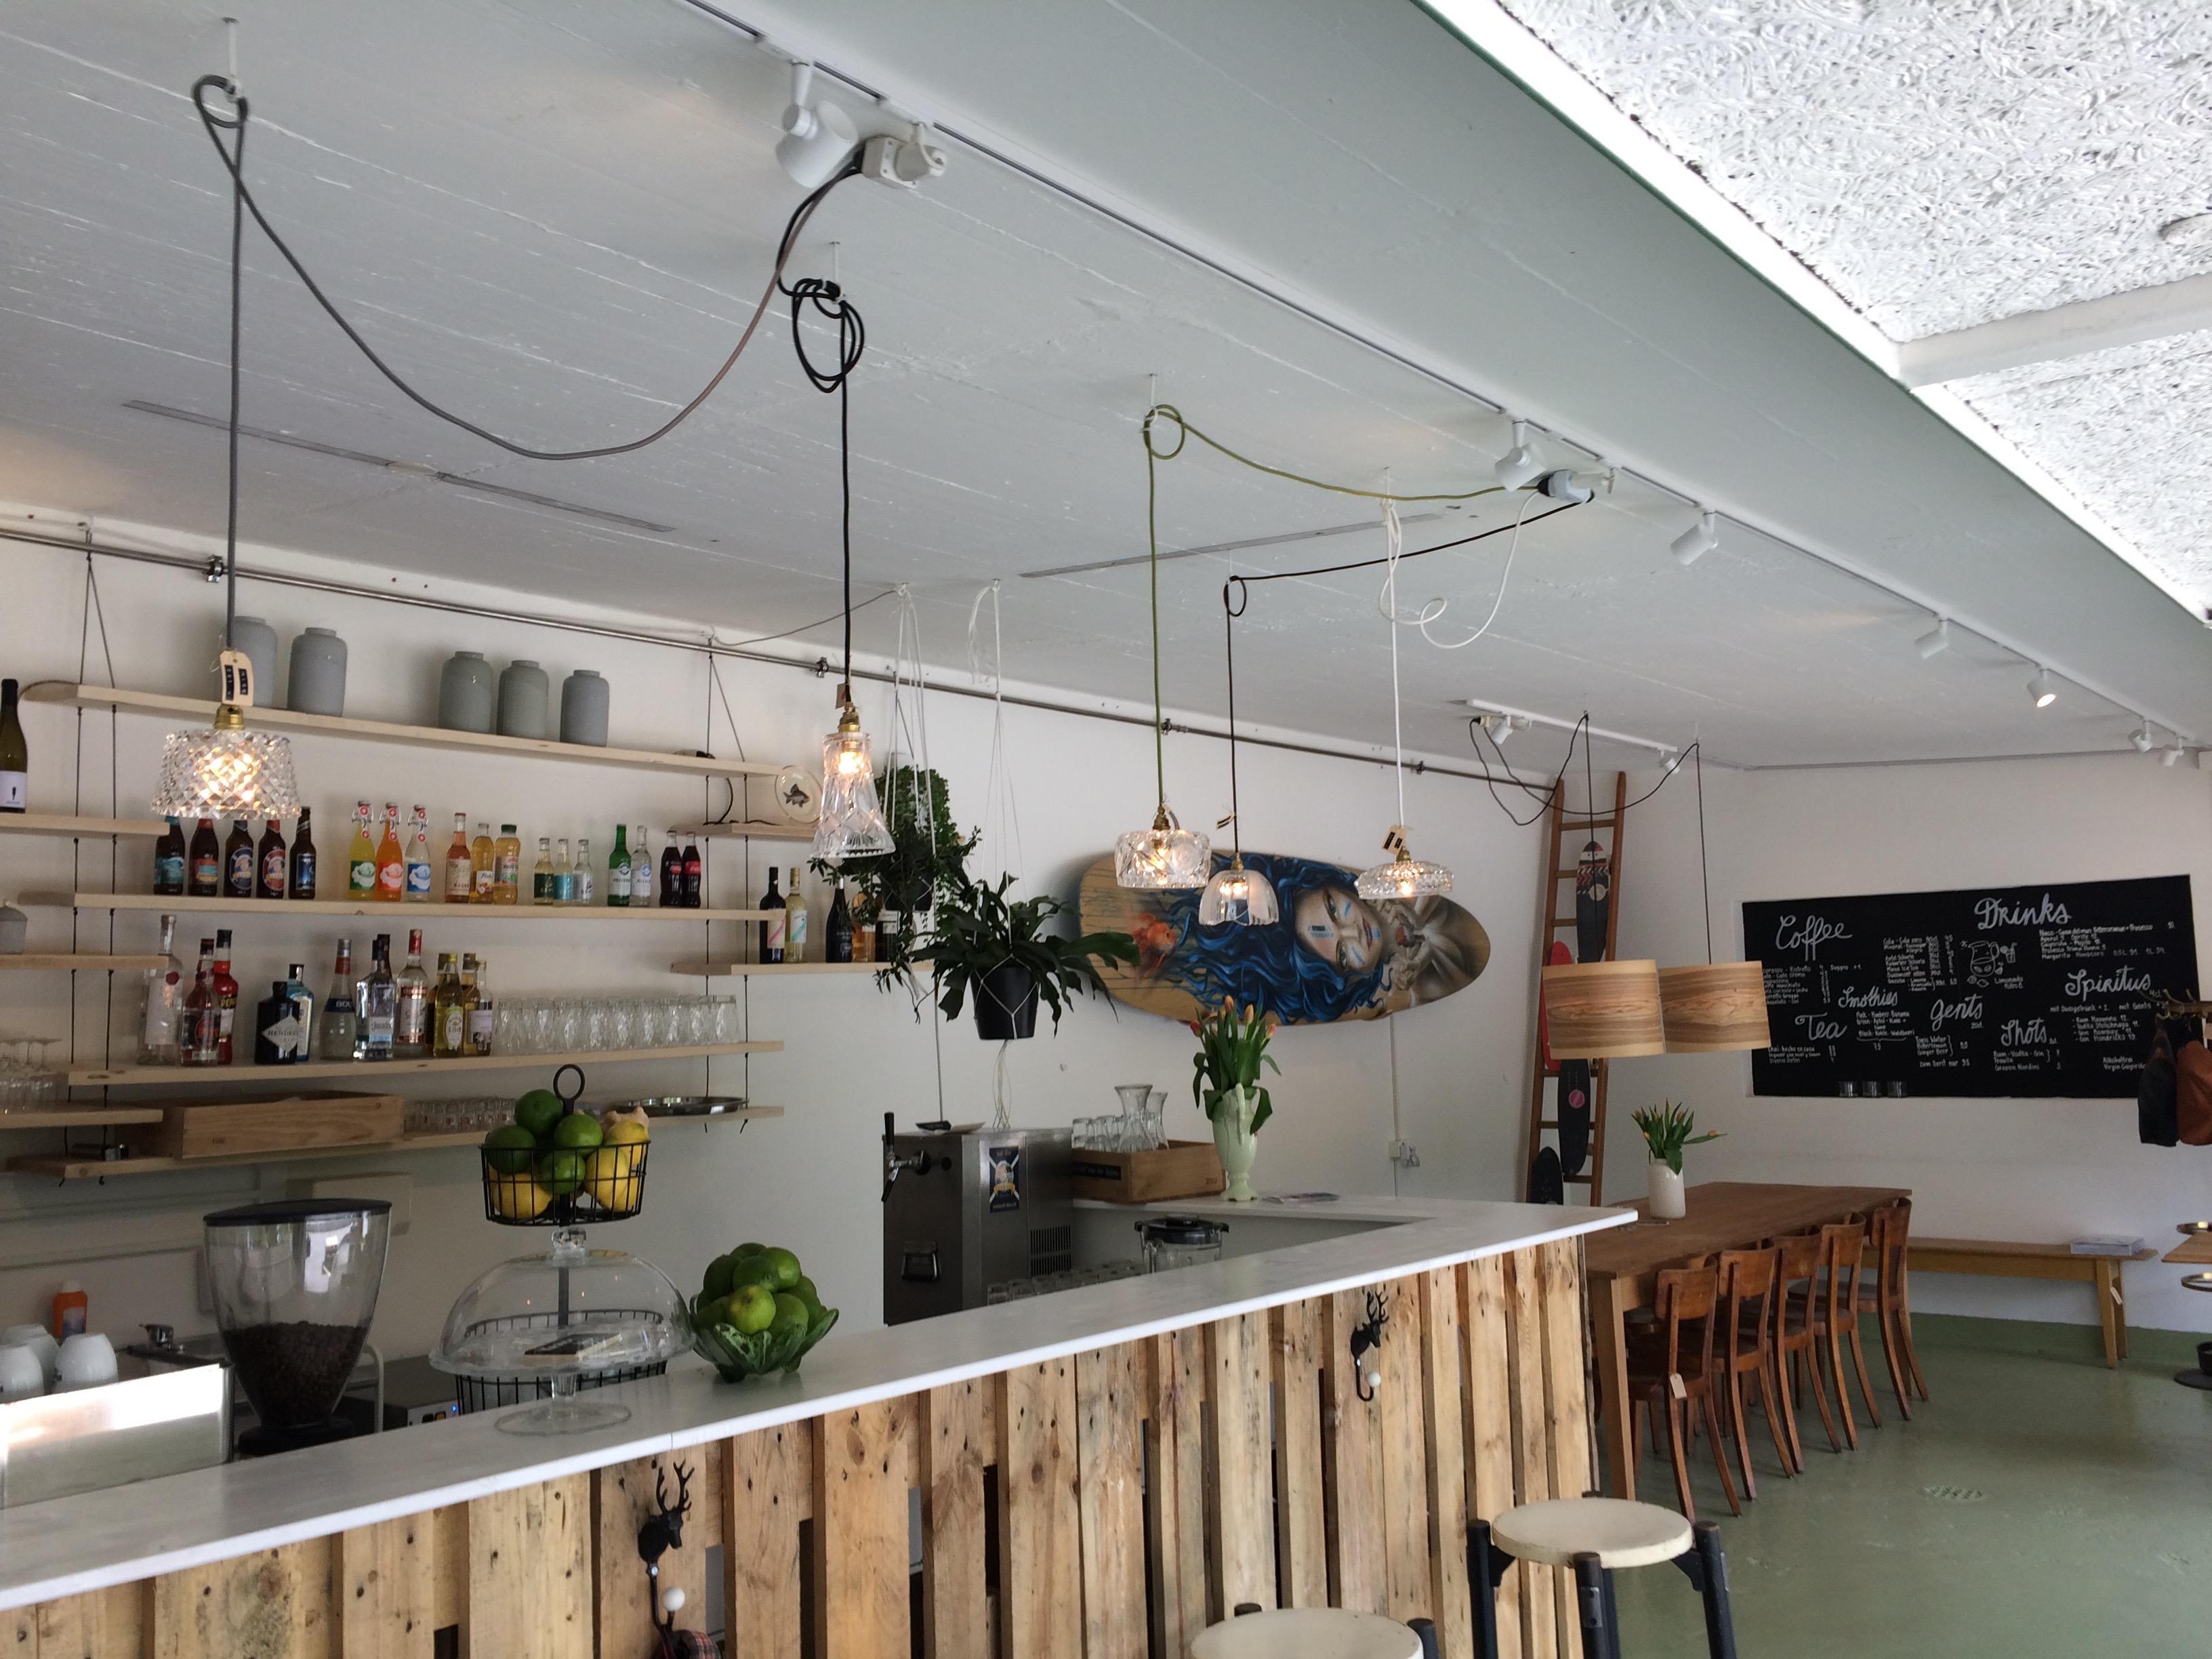 Bar mit Gästeberich